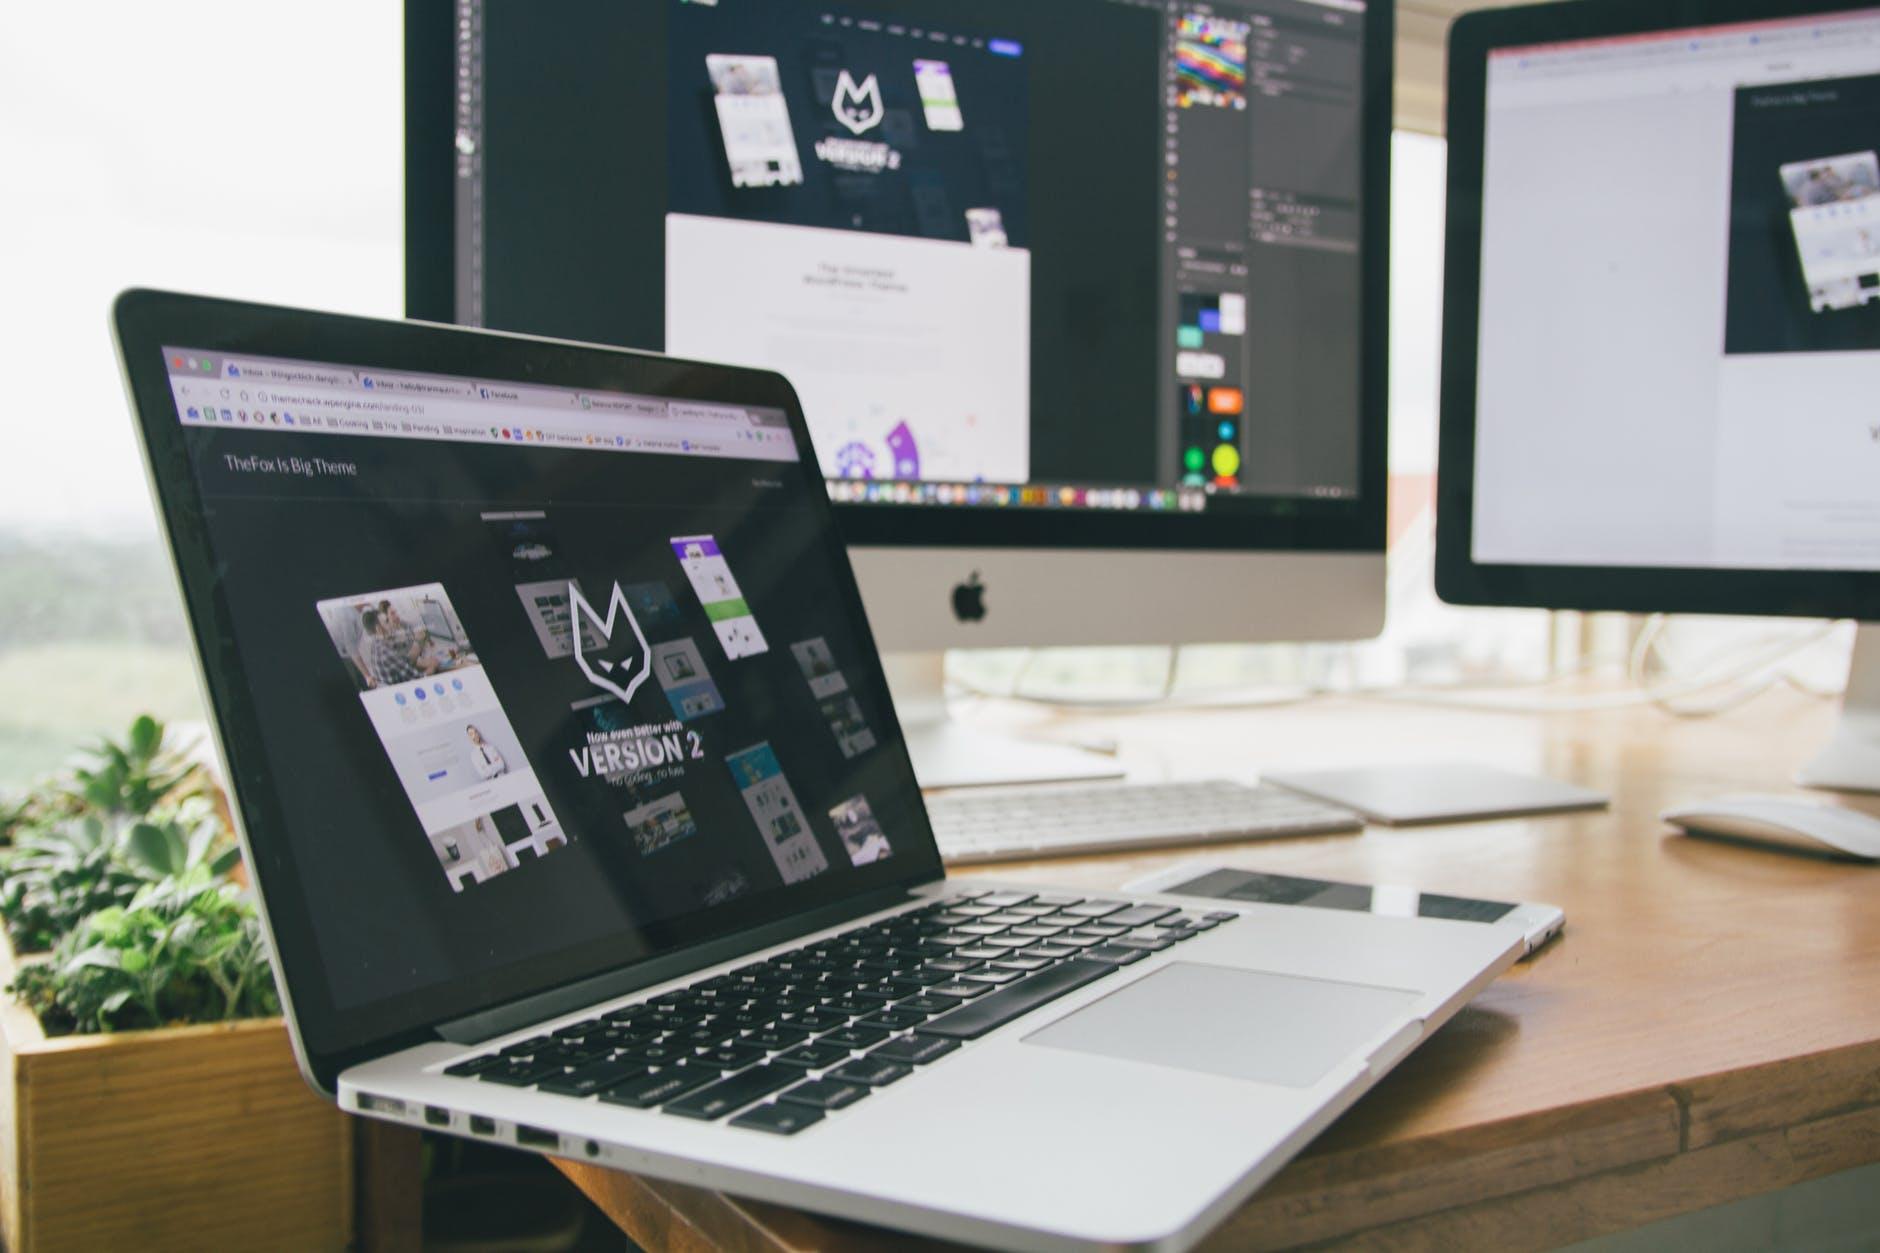 Immagine web design sviluppo siti web